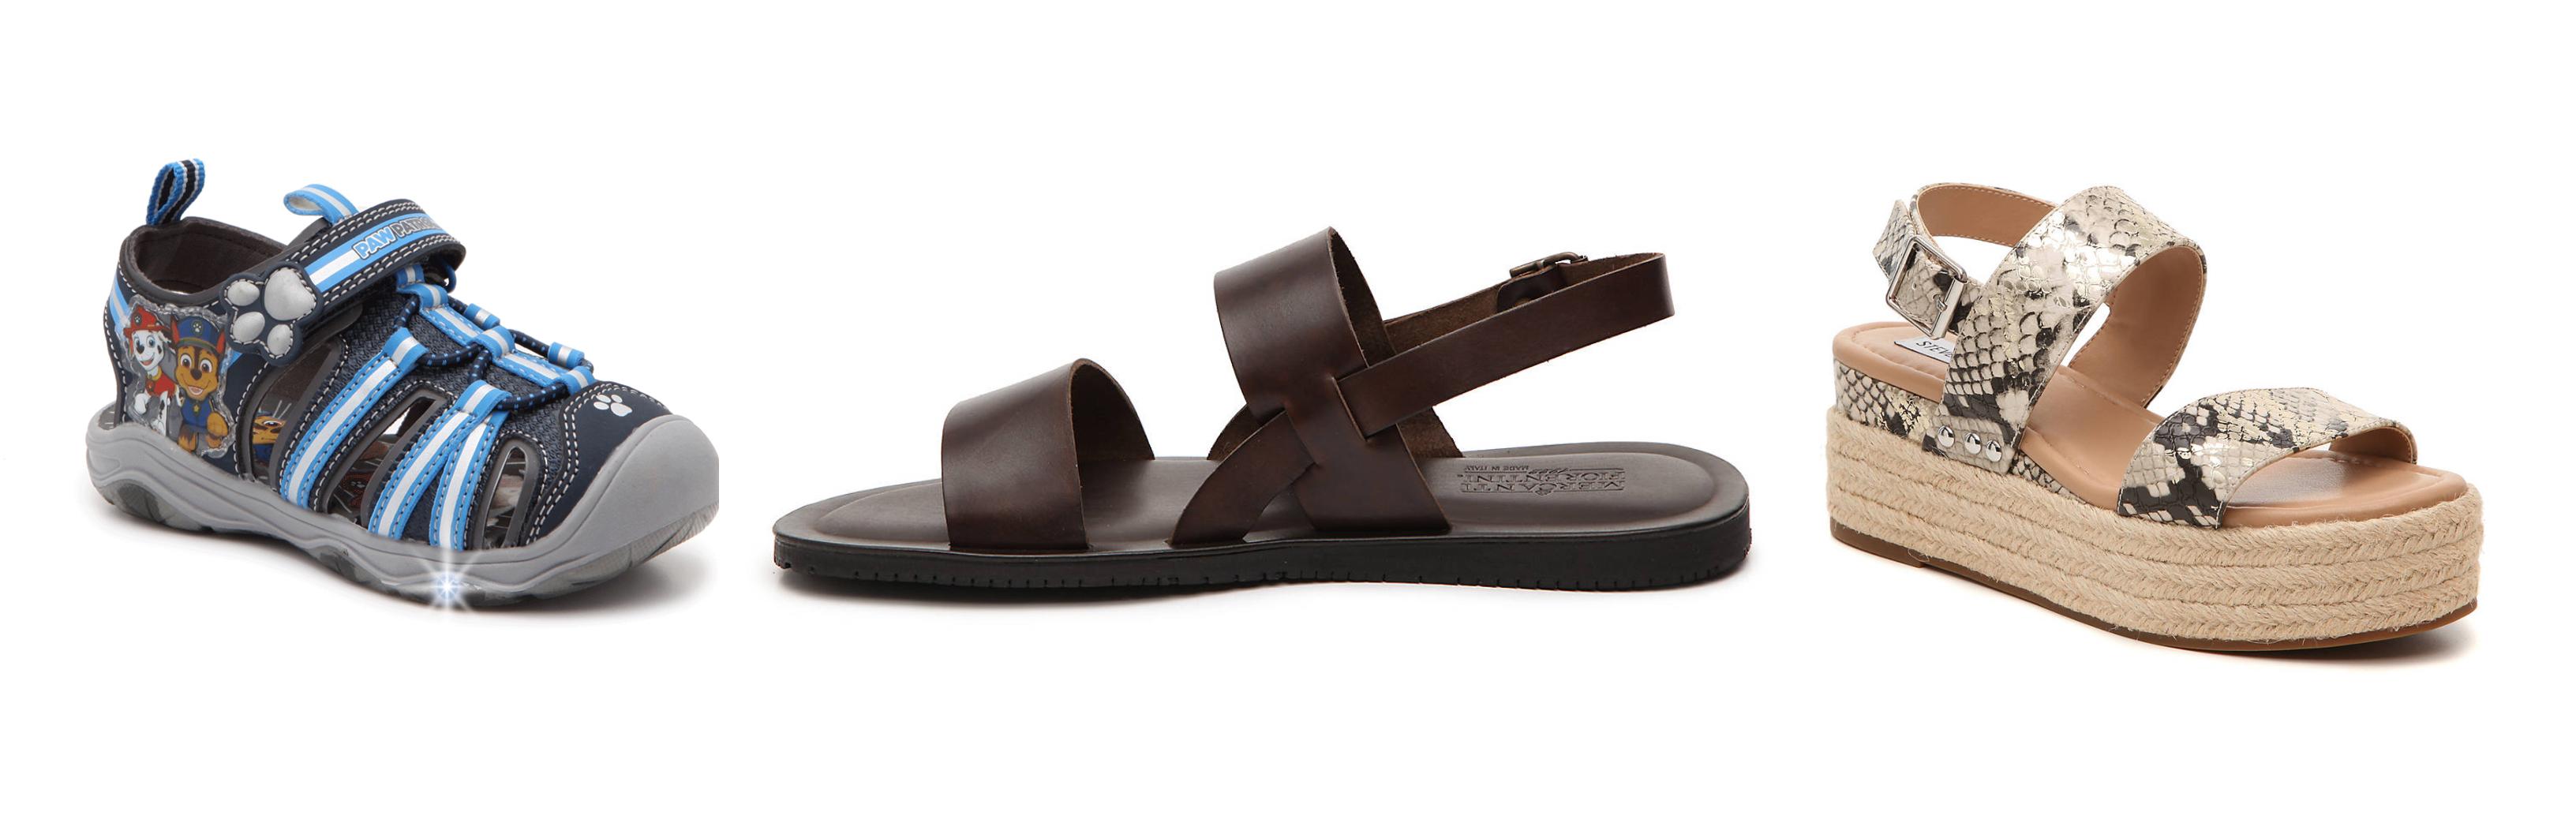 dsw shoes sales